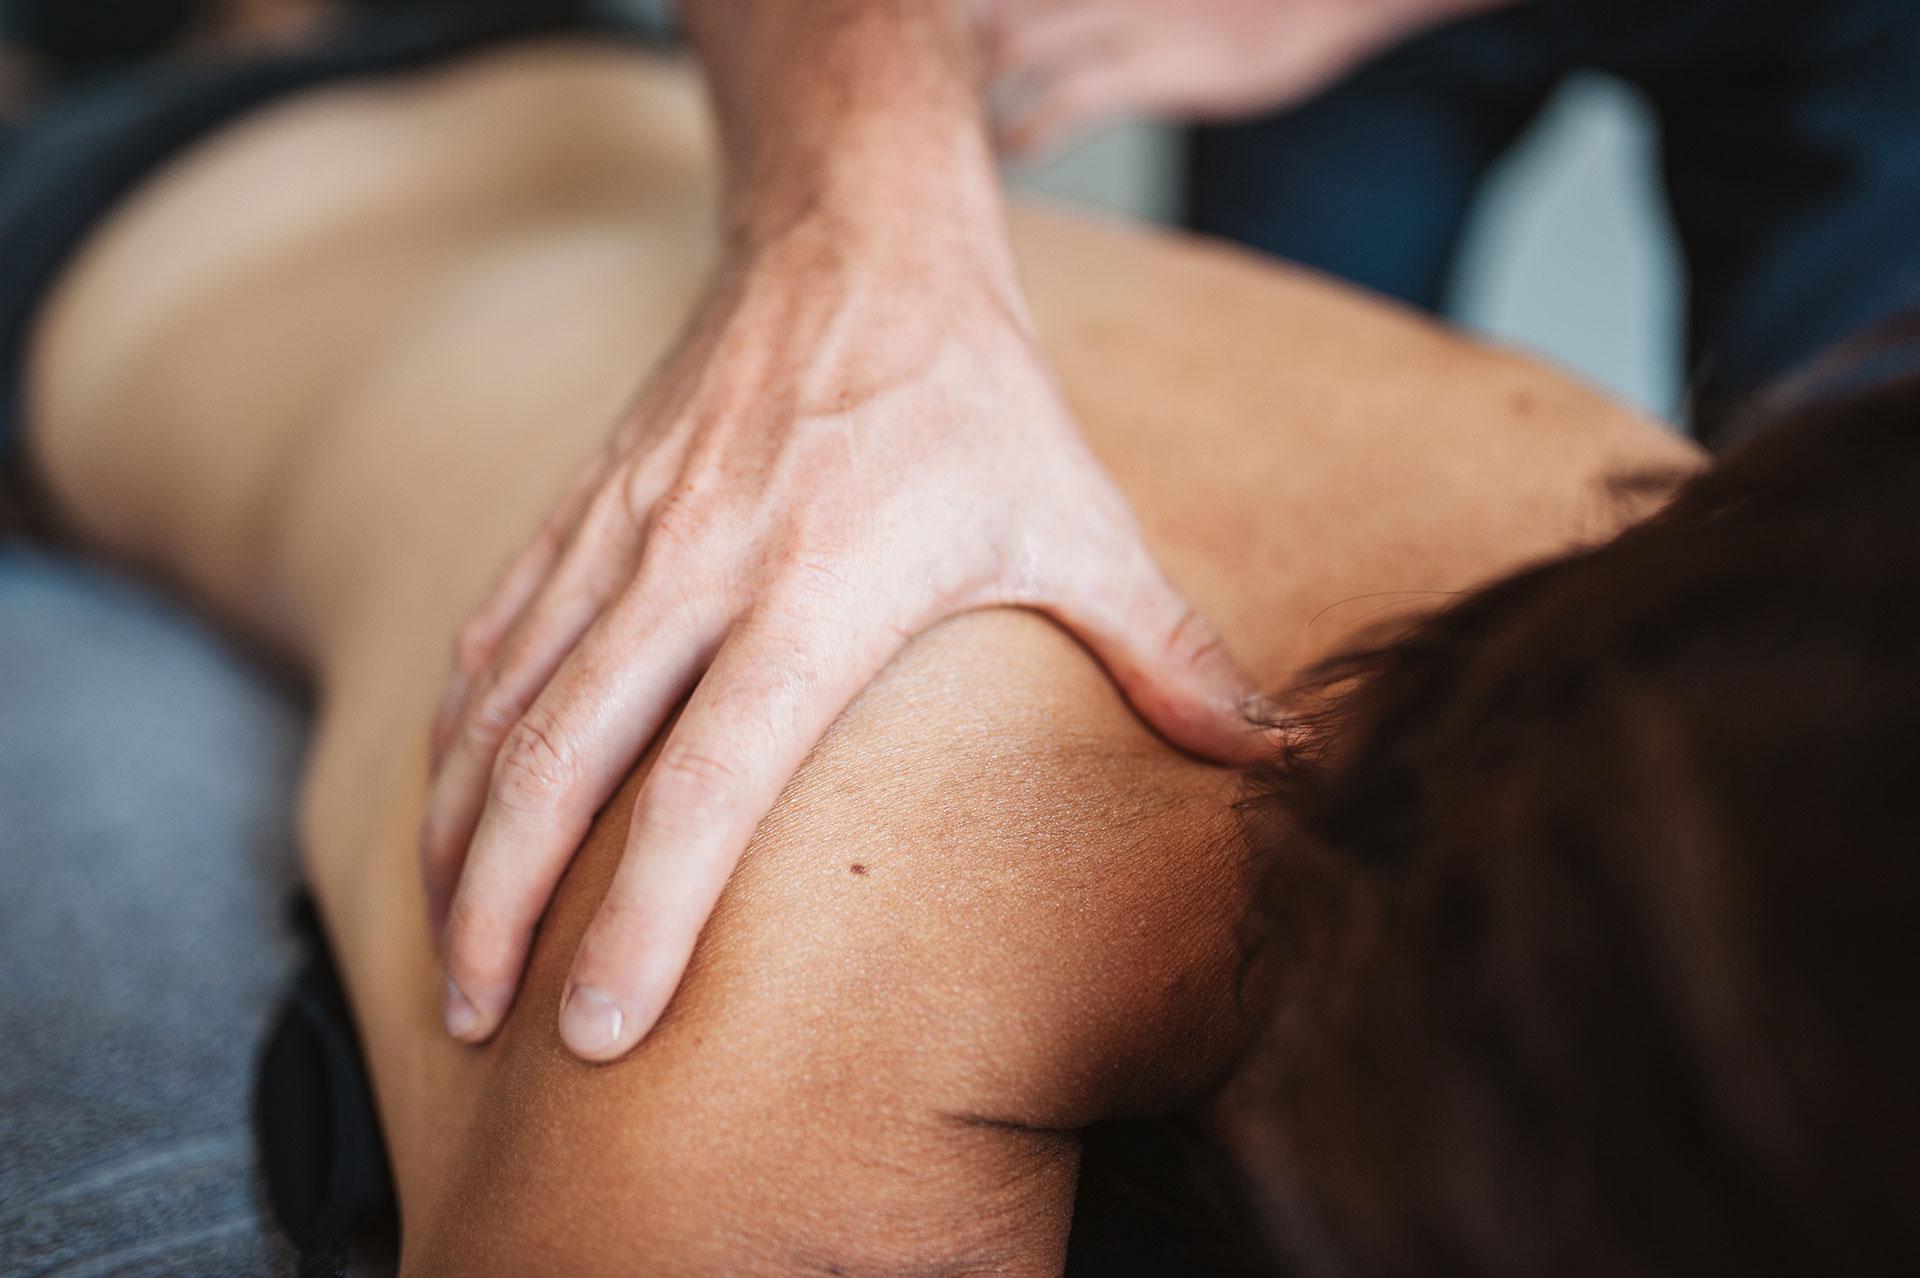 adrian massage therapie et training 59 - Accueil - Arkade Genève - Thérapie, training, bien-être